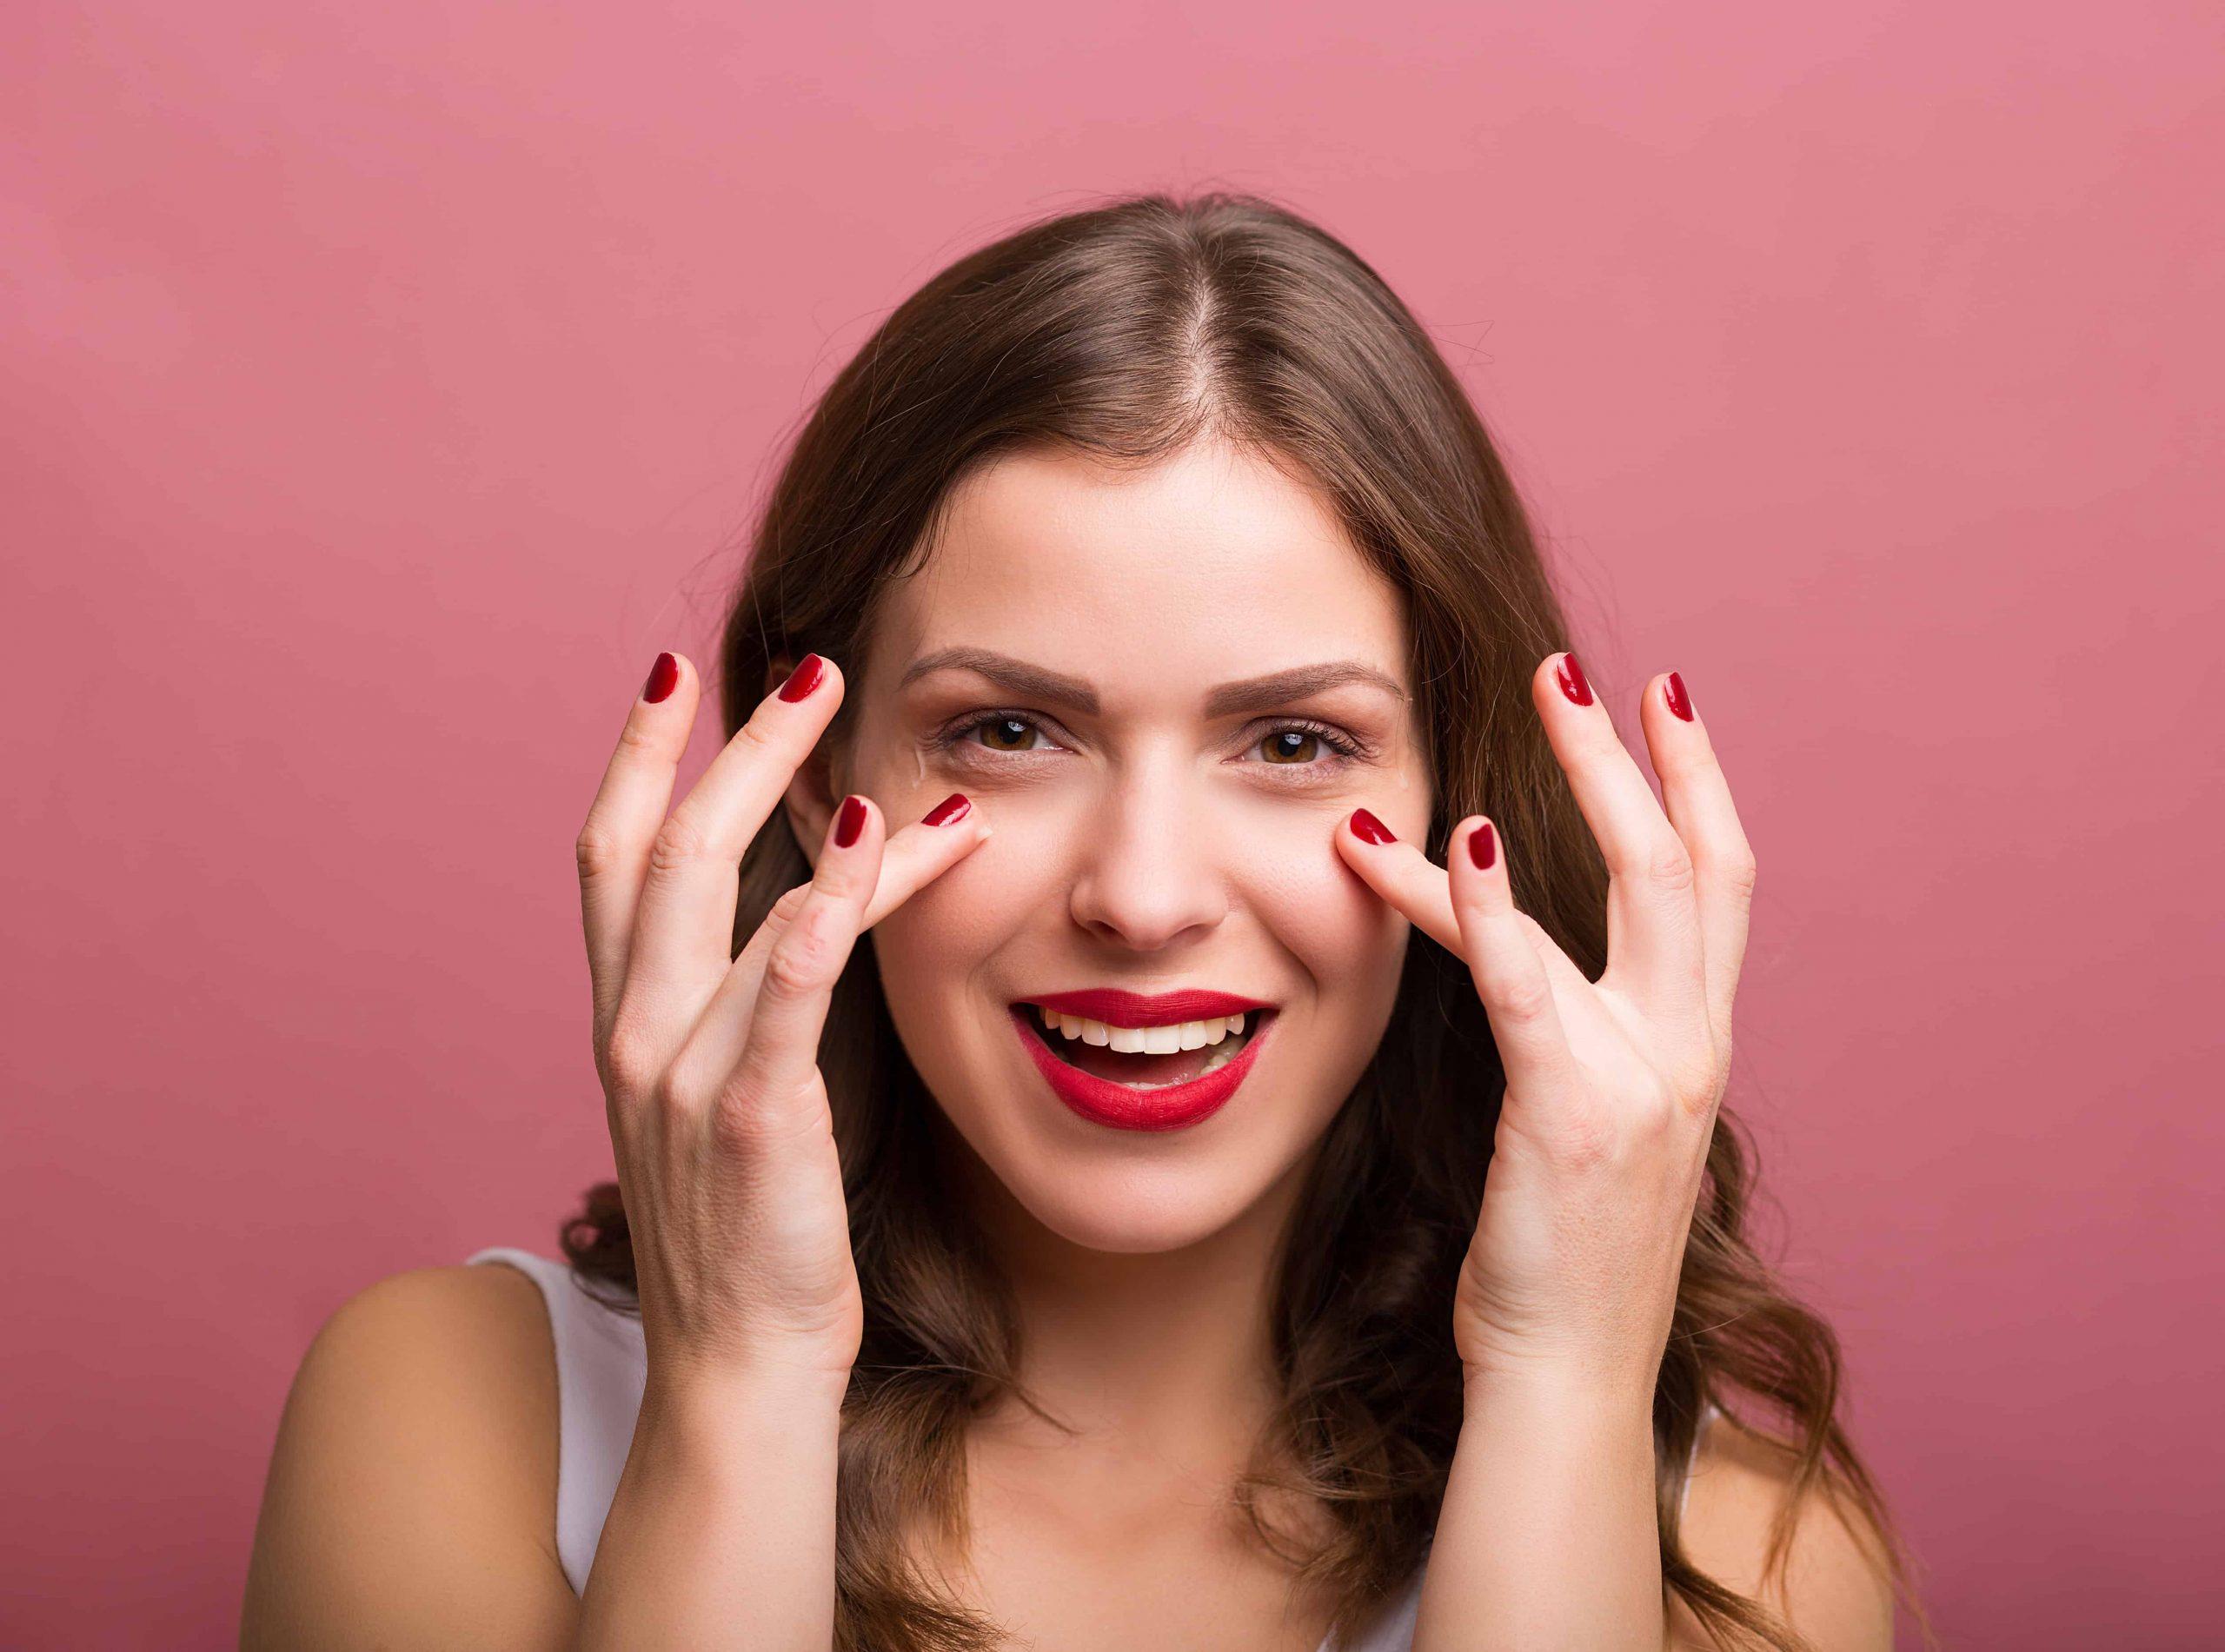 Augenringe: Ursachen und Tipps zur effektiven Behandlung